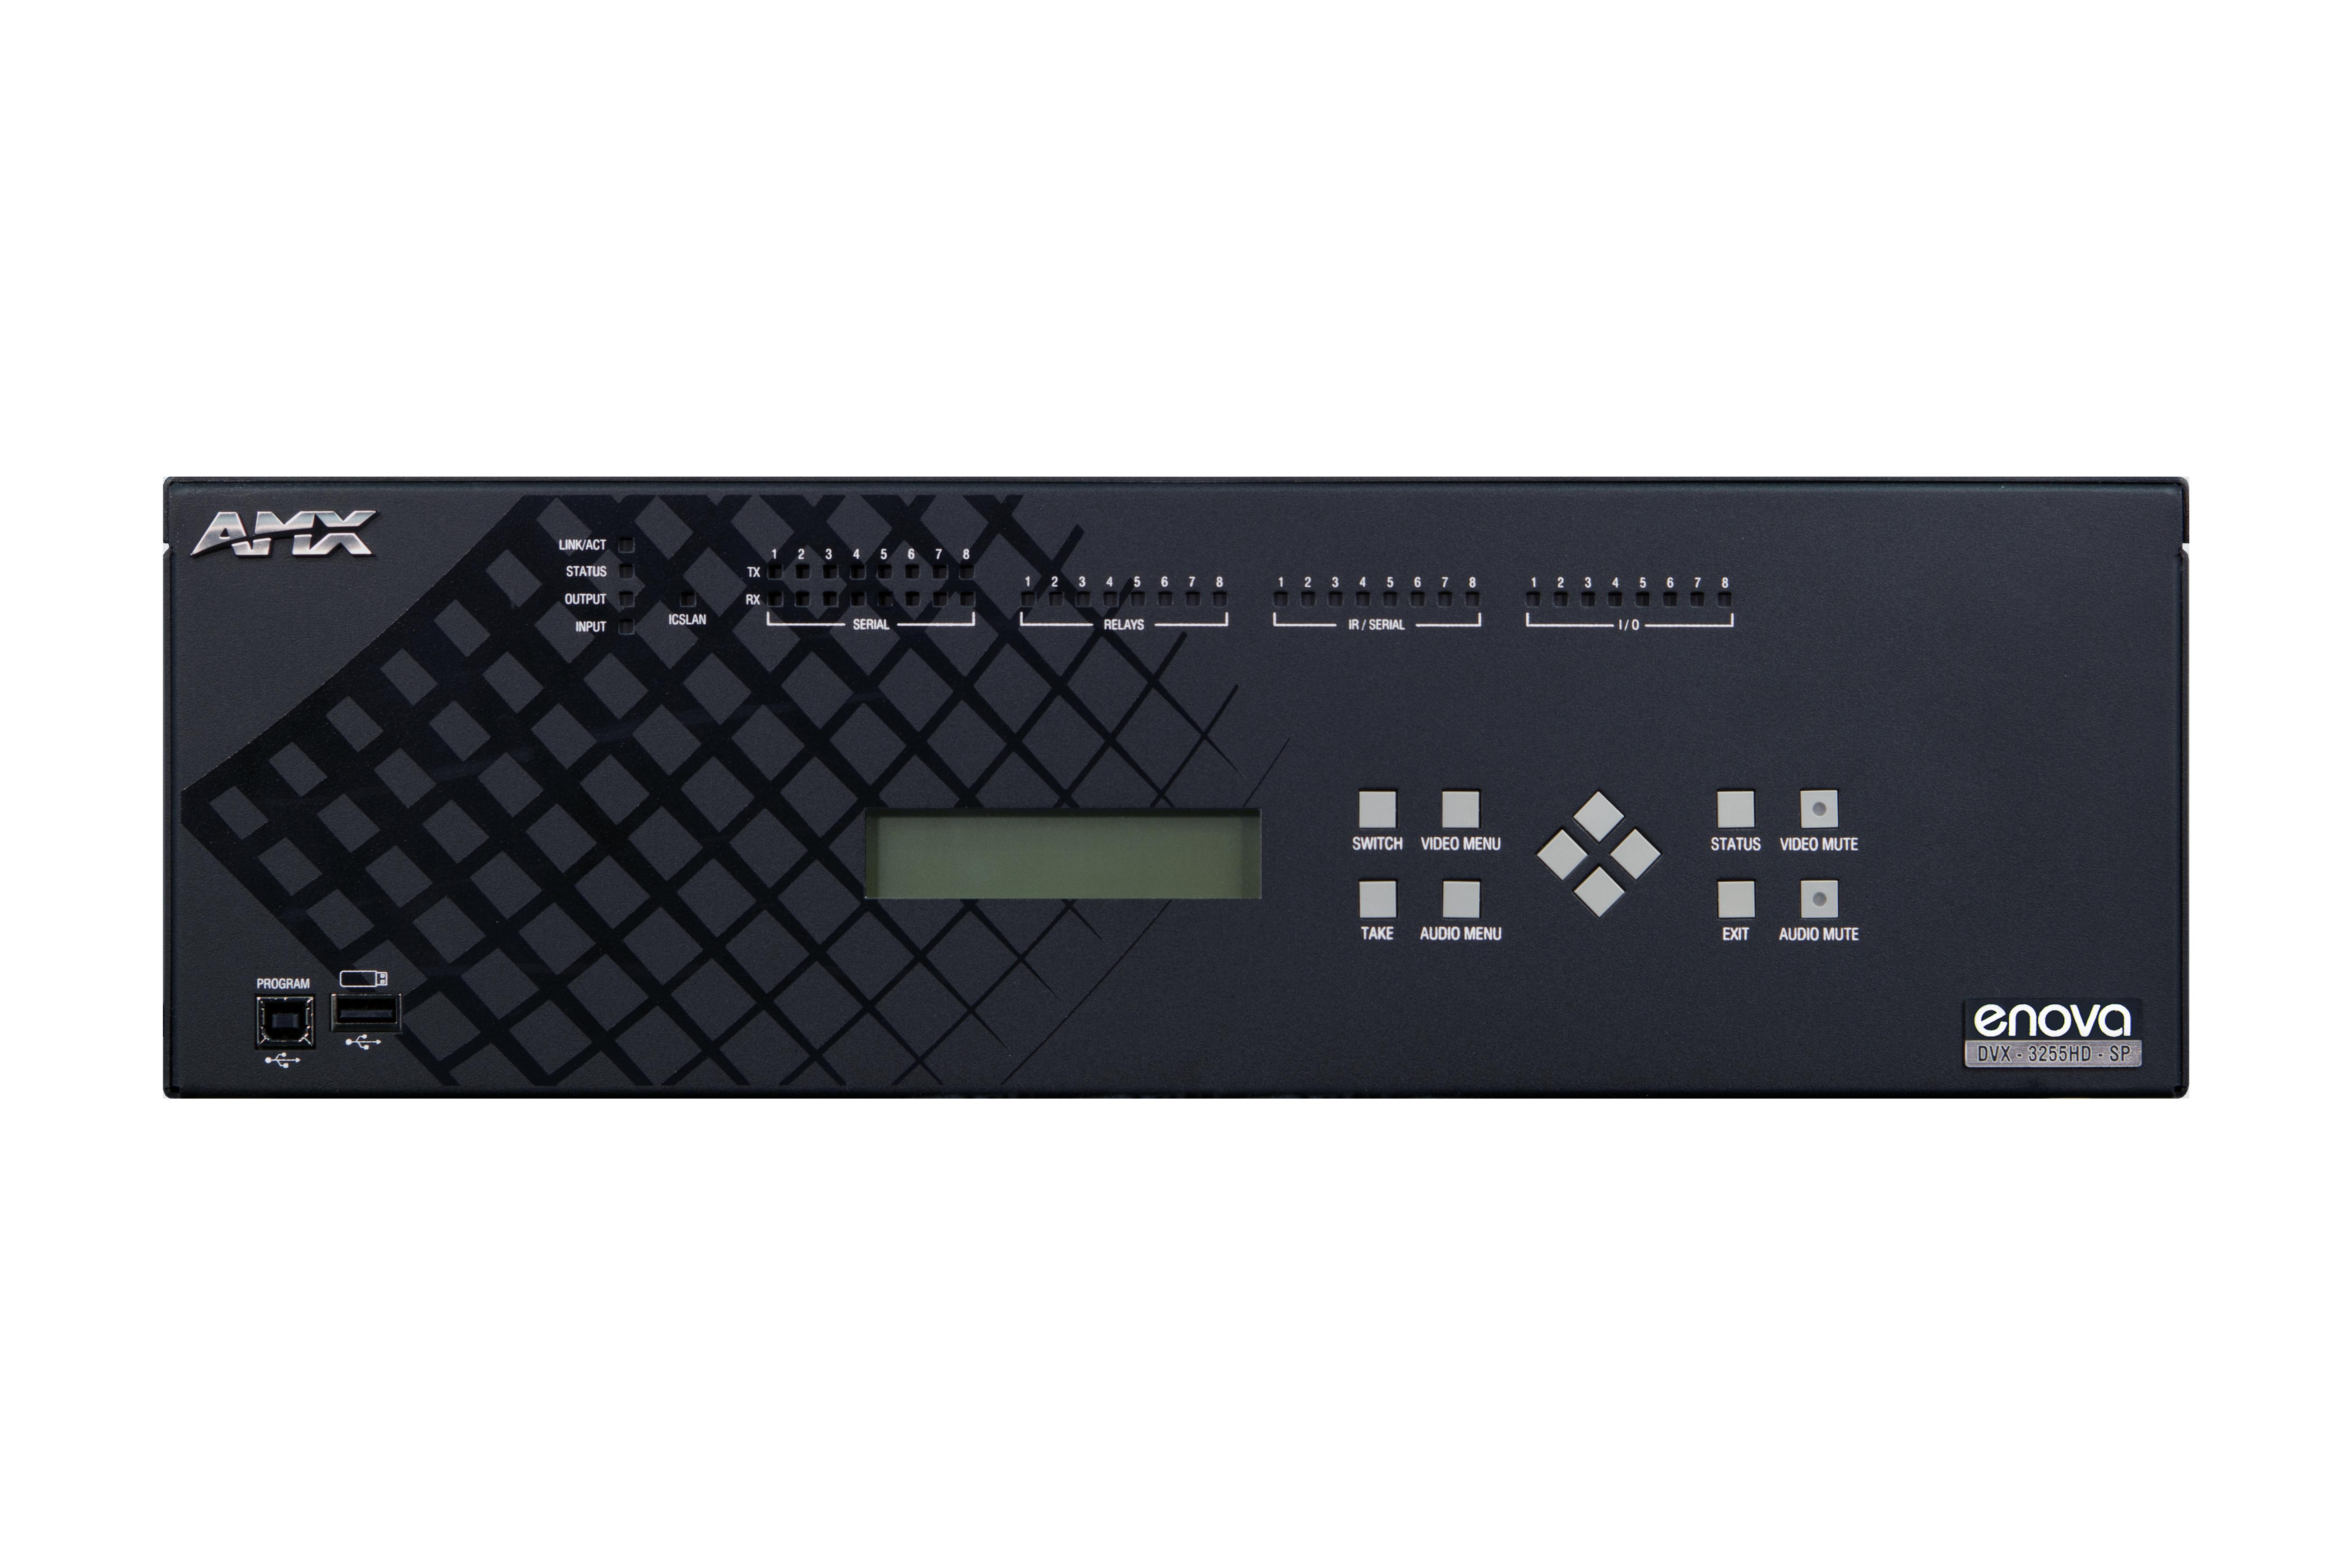 DVX-3255HD-SP - Front